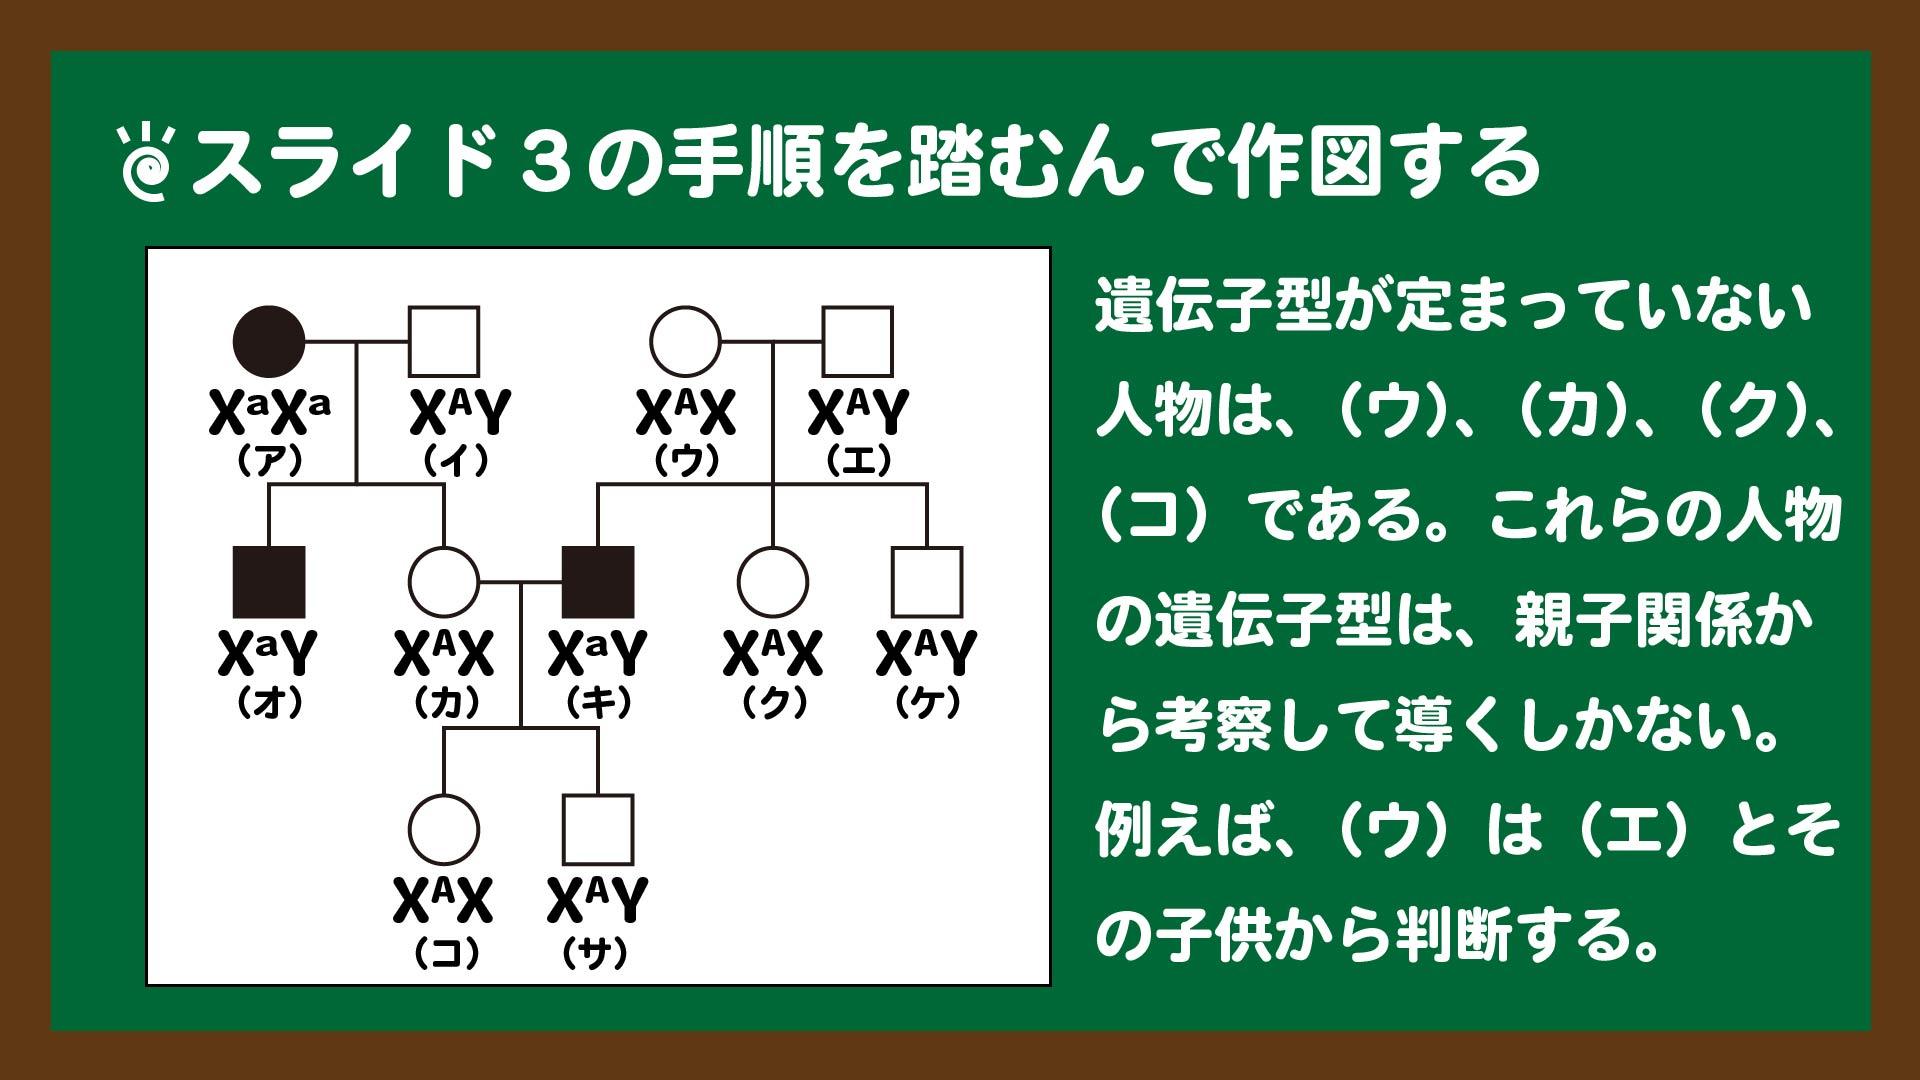 スライド4:スライド3の手順を踏むと途中まで作図できる